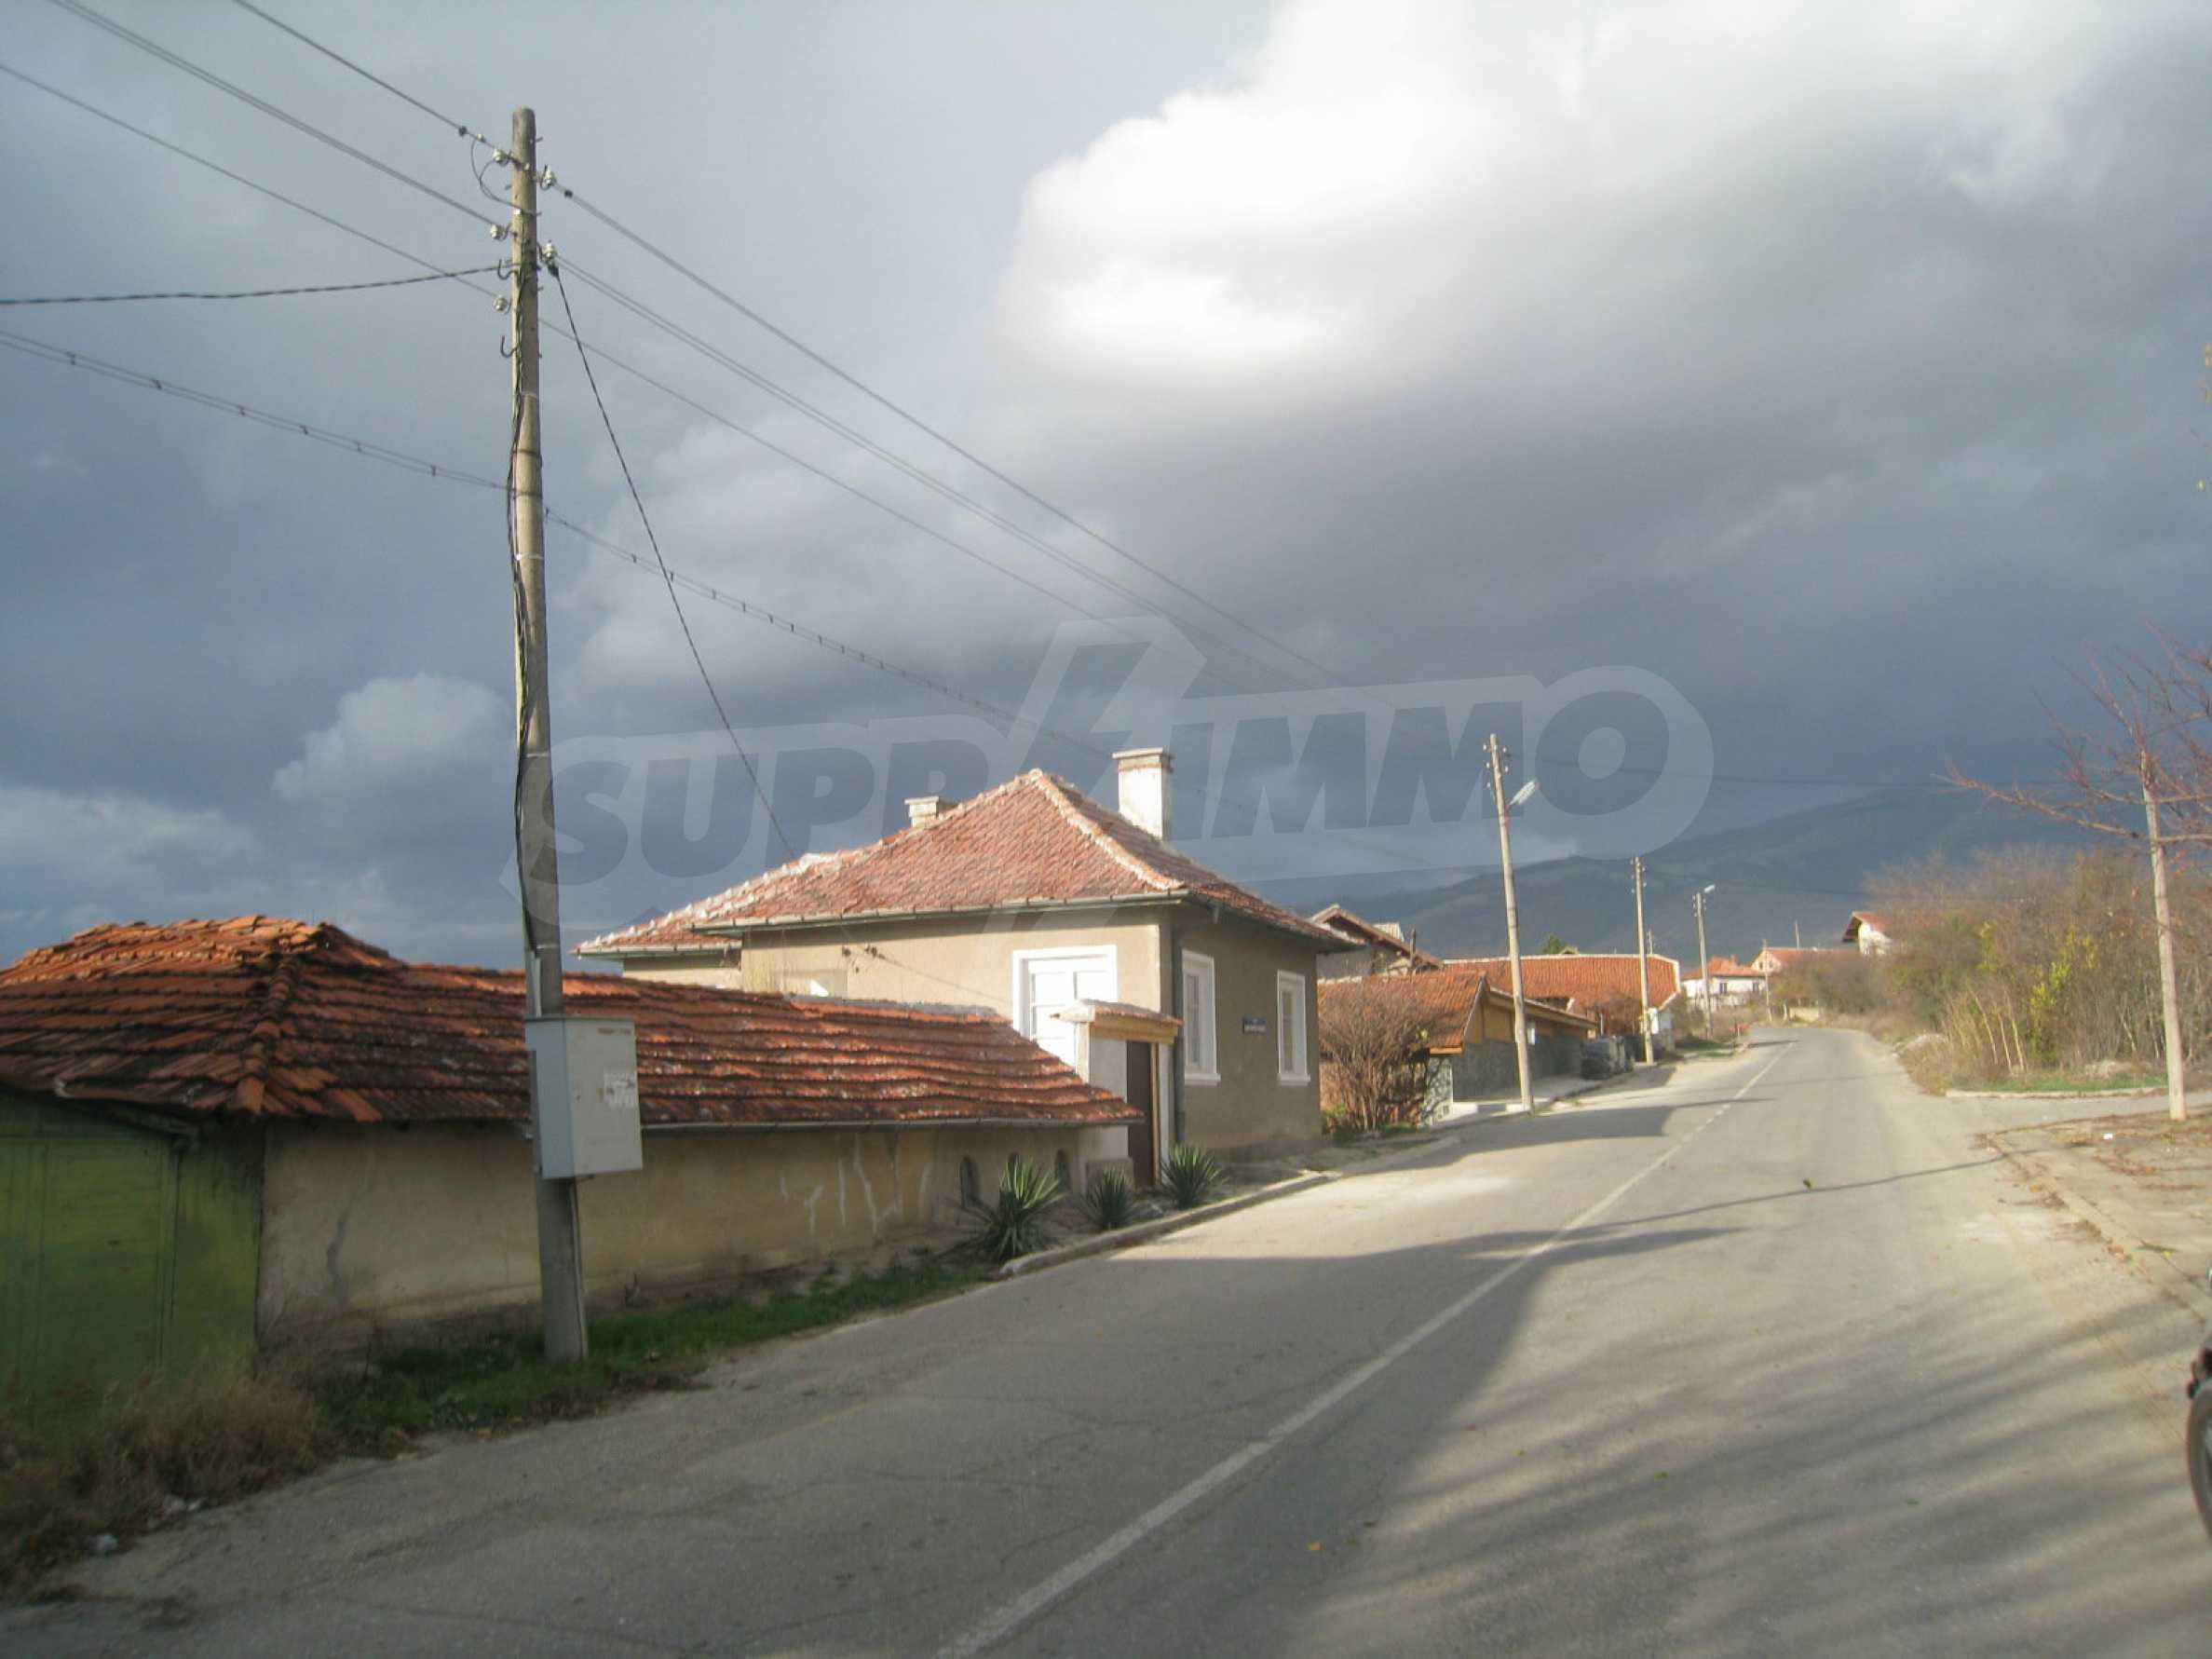 Haus zum Verkauf in der Nähe von Kyustendil 53